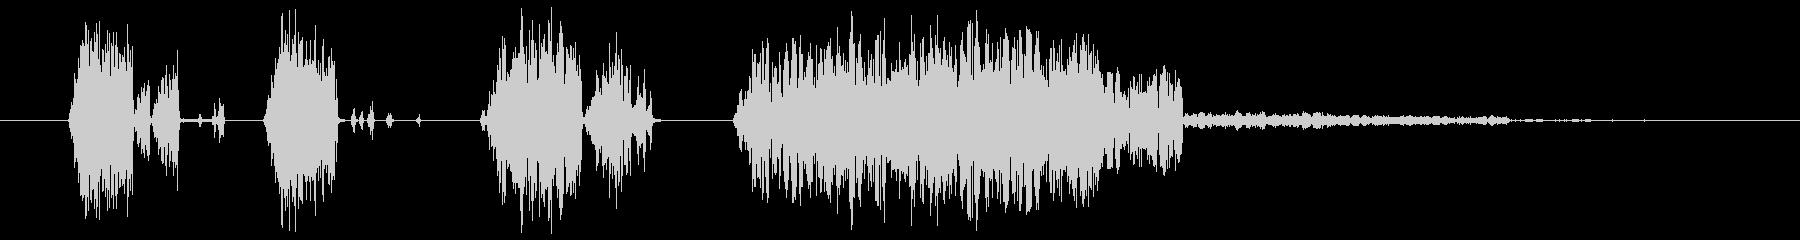 ショートスパッタ2の未再生の波形